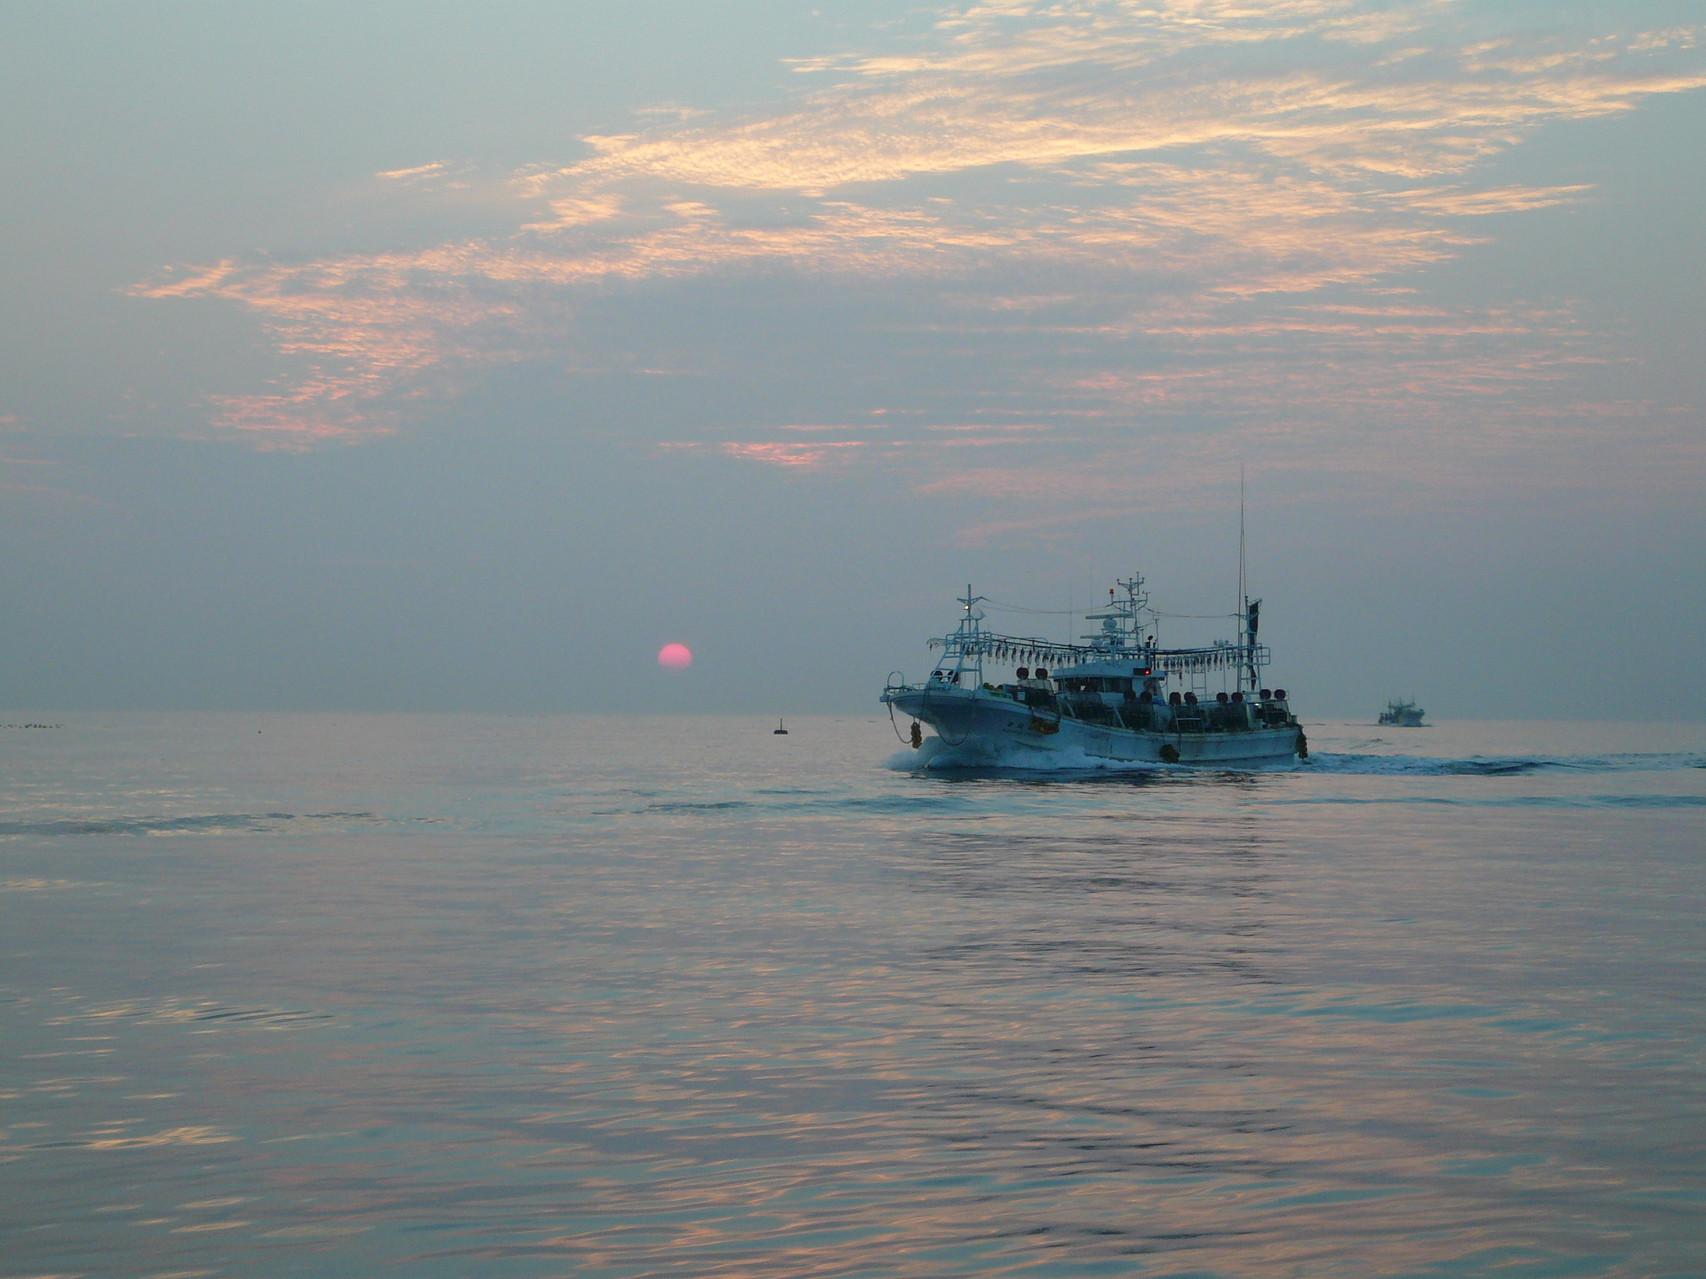 7月15日 日の出と共にイカ釣り船 帰港 本船出船